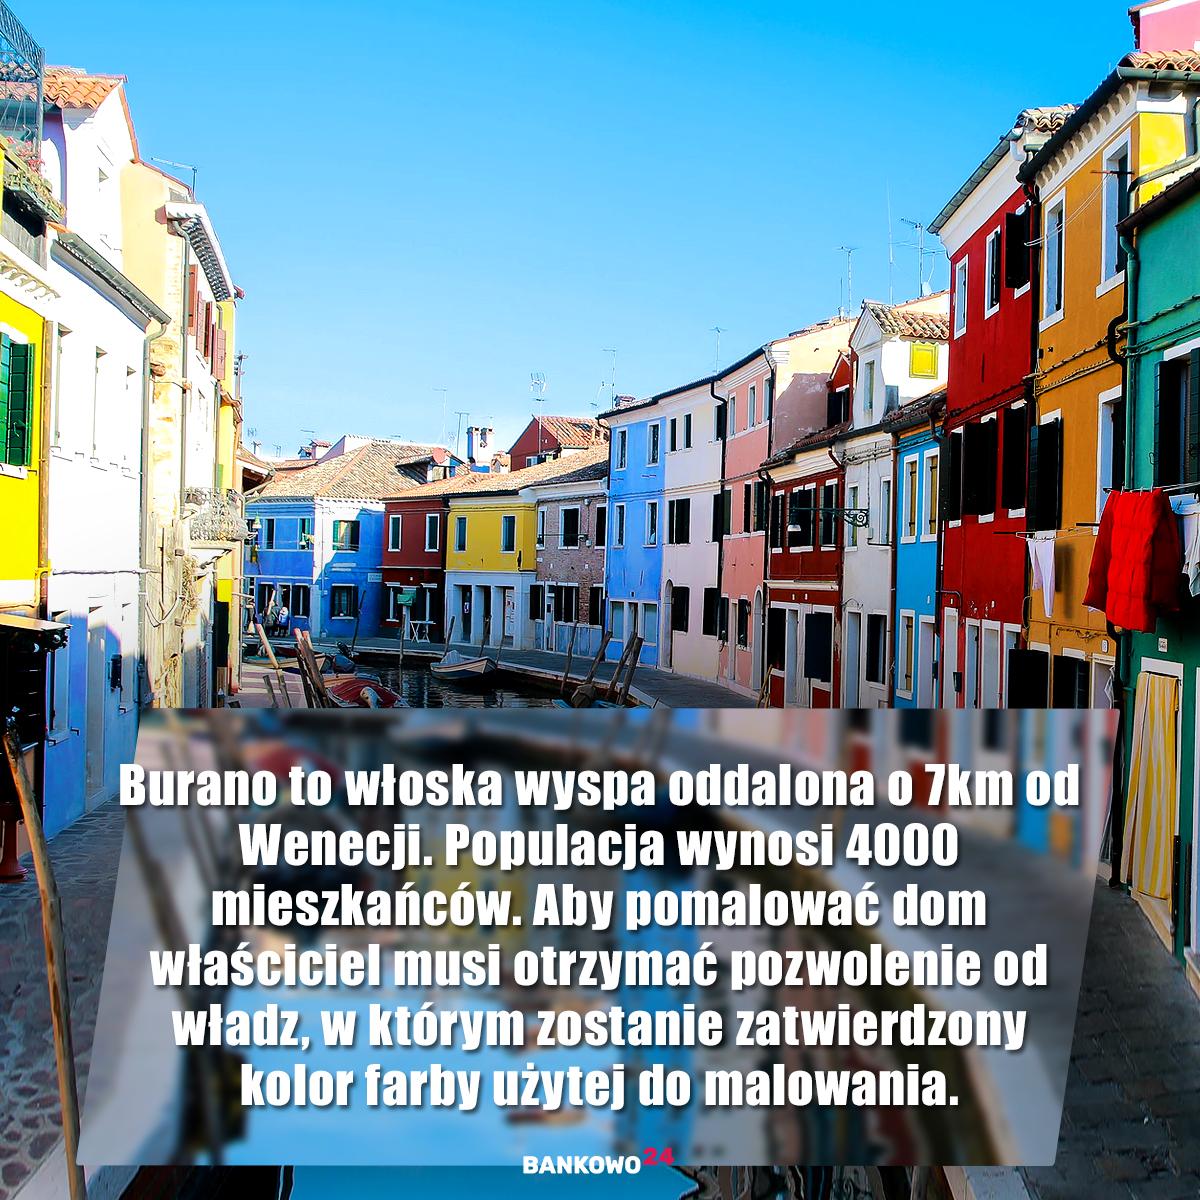 Burano to włoska wyspa oddalona o 7km od Wenecji. Populacja wynosi 4000 mieszkańców. Aby pomalować dom właściciel musi otrzymać pozwolenie od władz, w którym zostanie zatwierdzony kolor farby użytej do malowania.